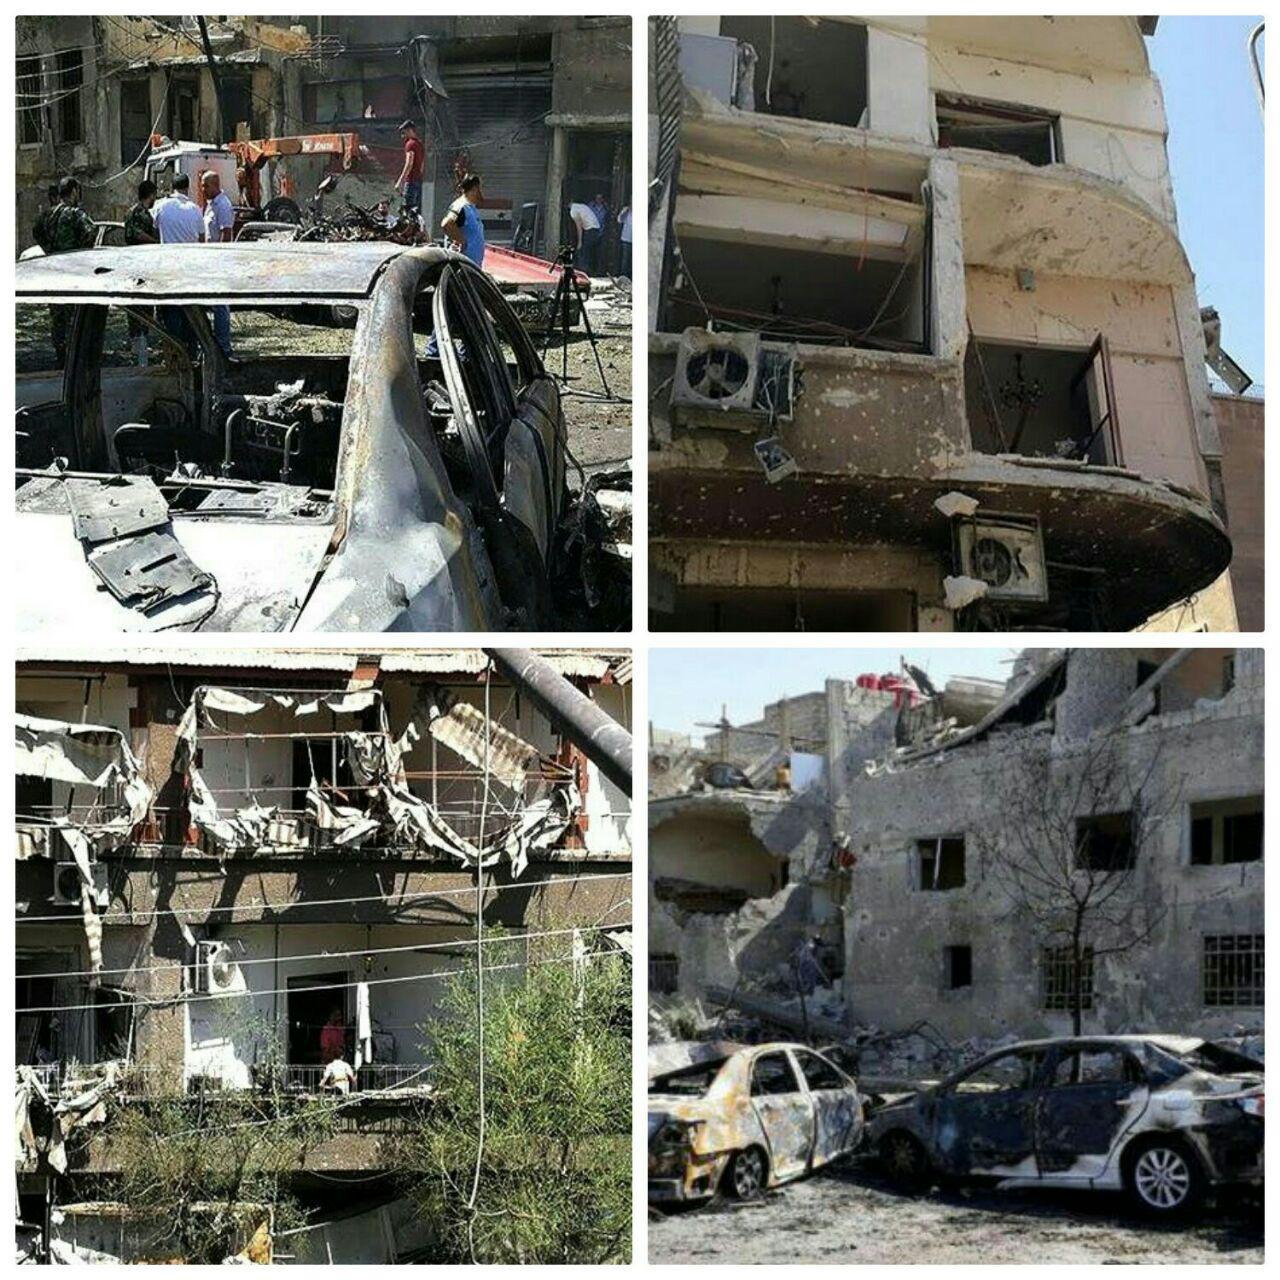 تصویر انفجار سه خودروی بمب گذاری شده در دمشق